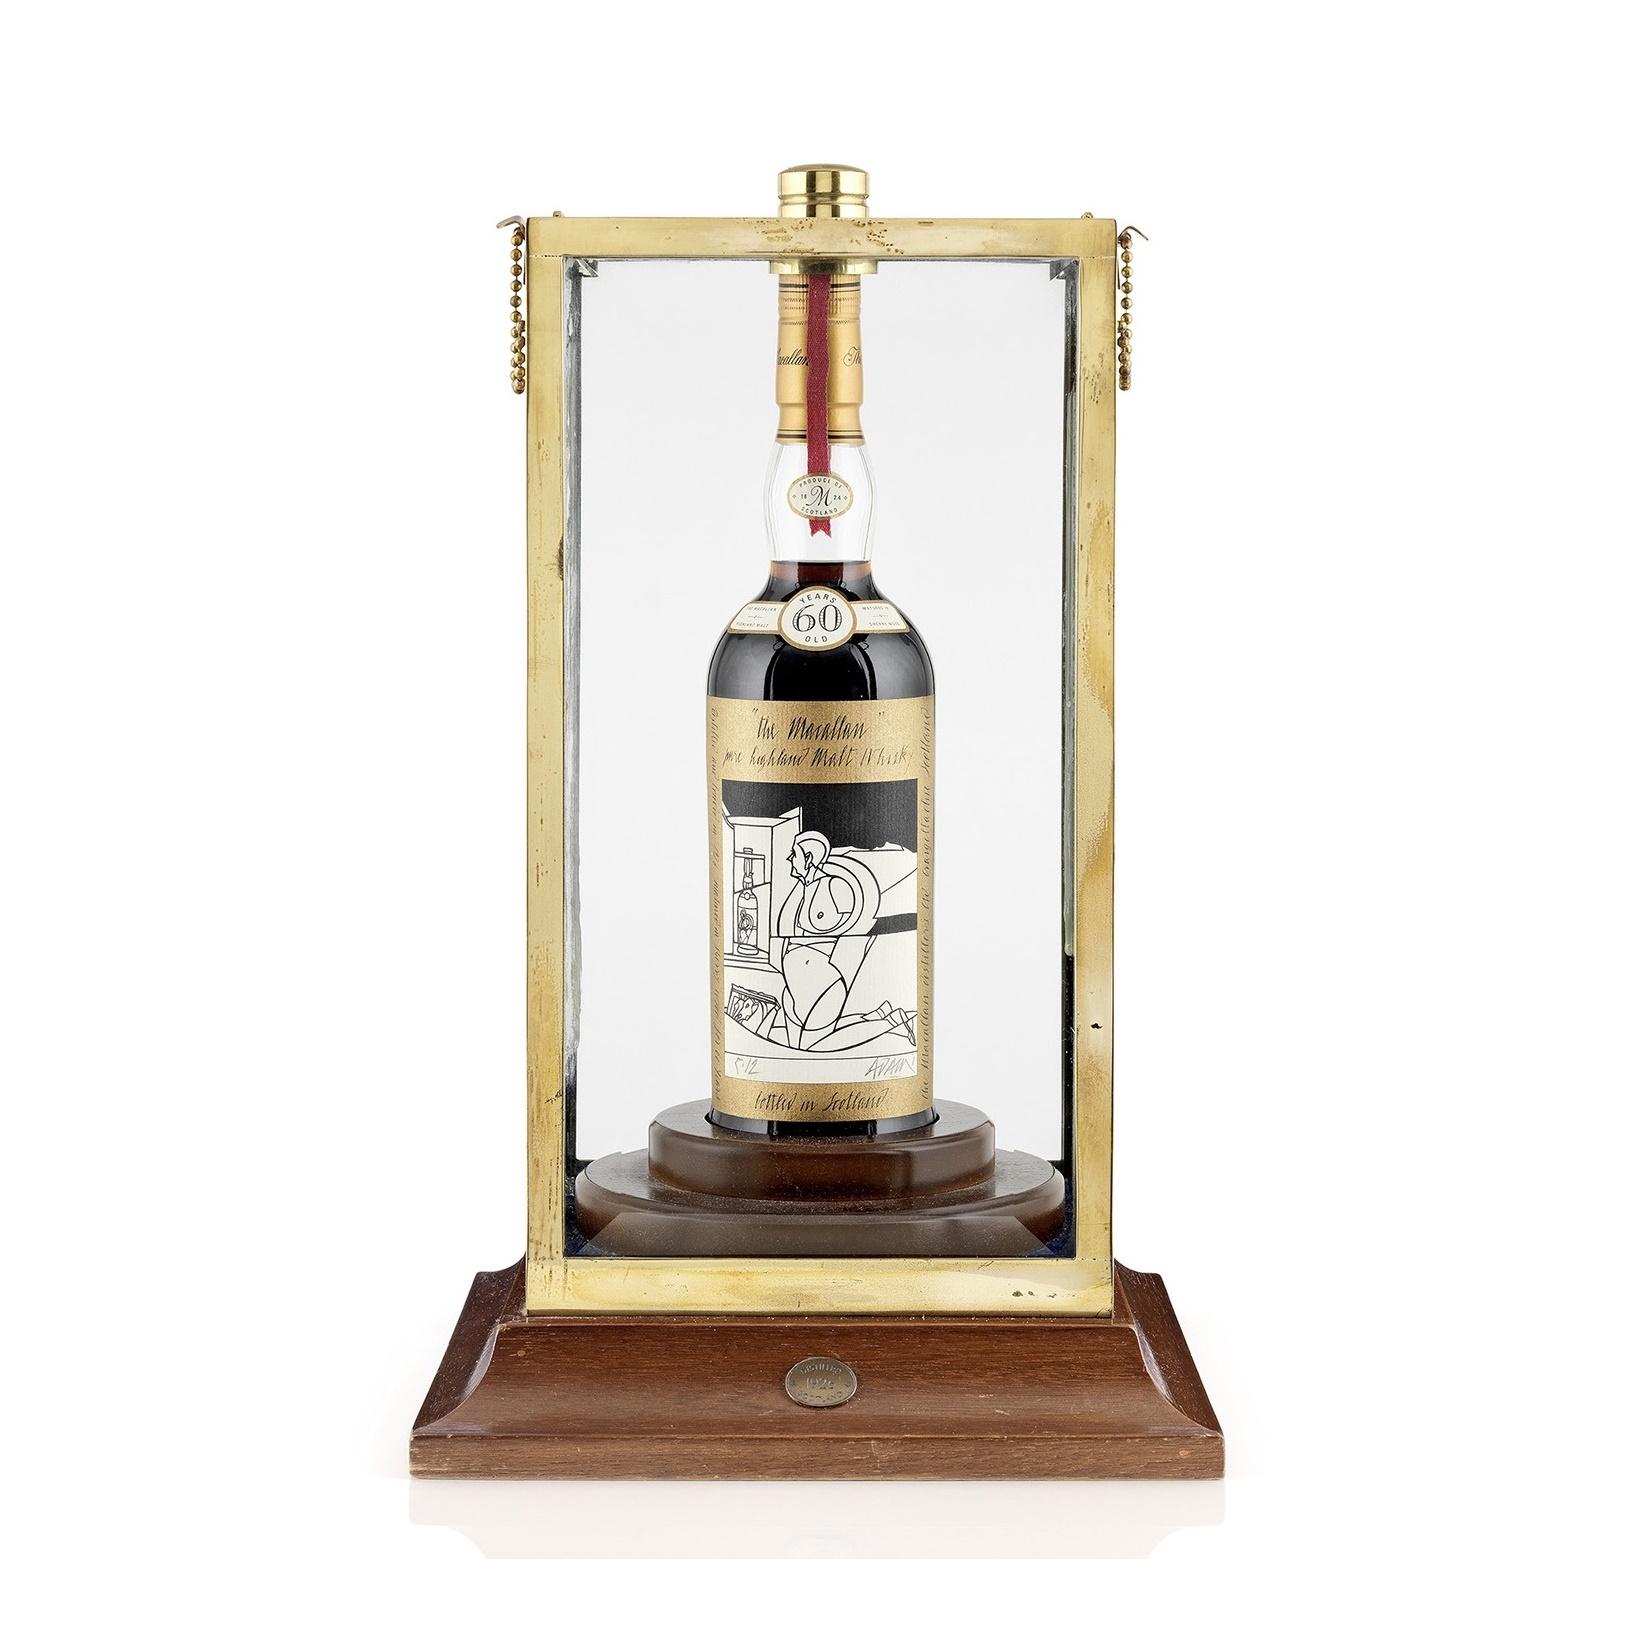 Recordbedrag betaald voor een fles whisky 01